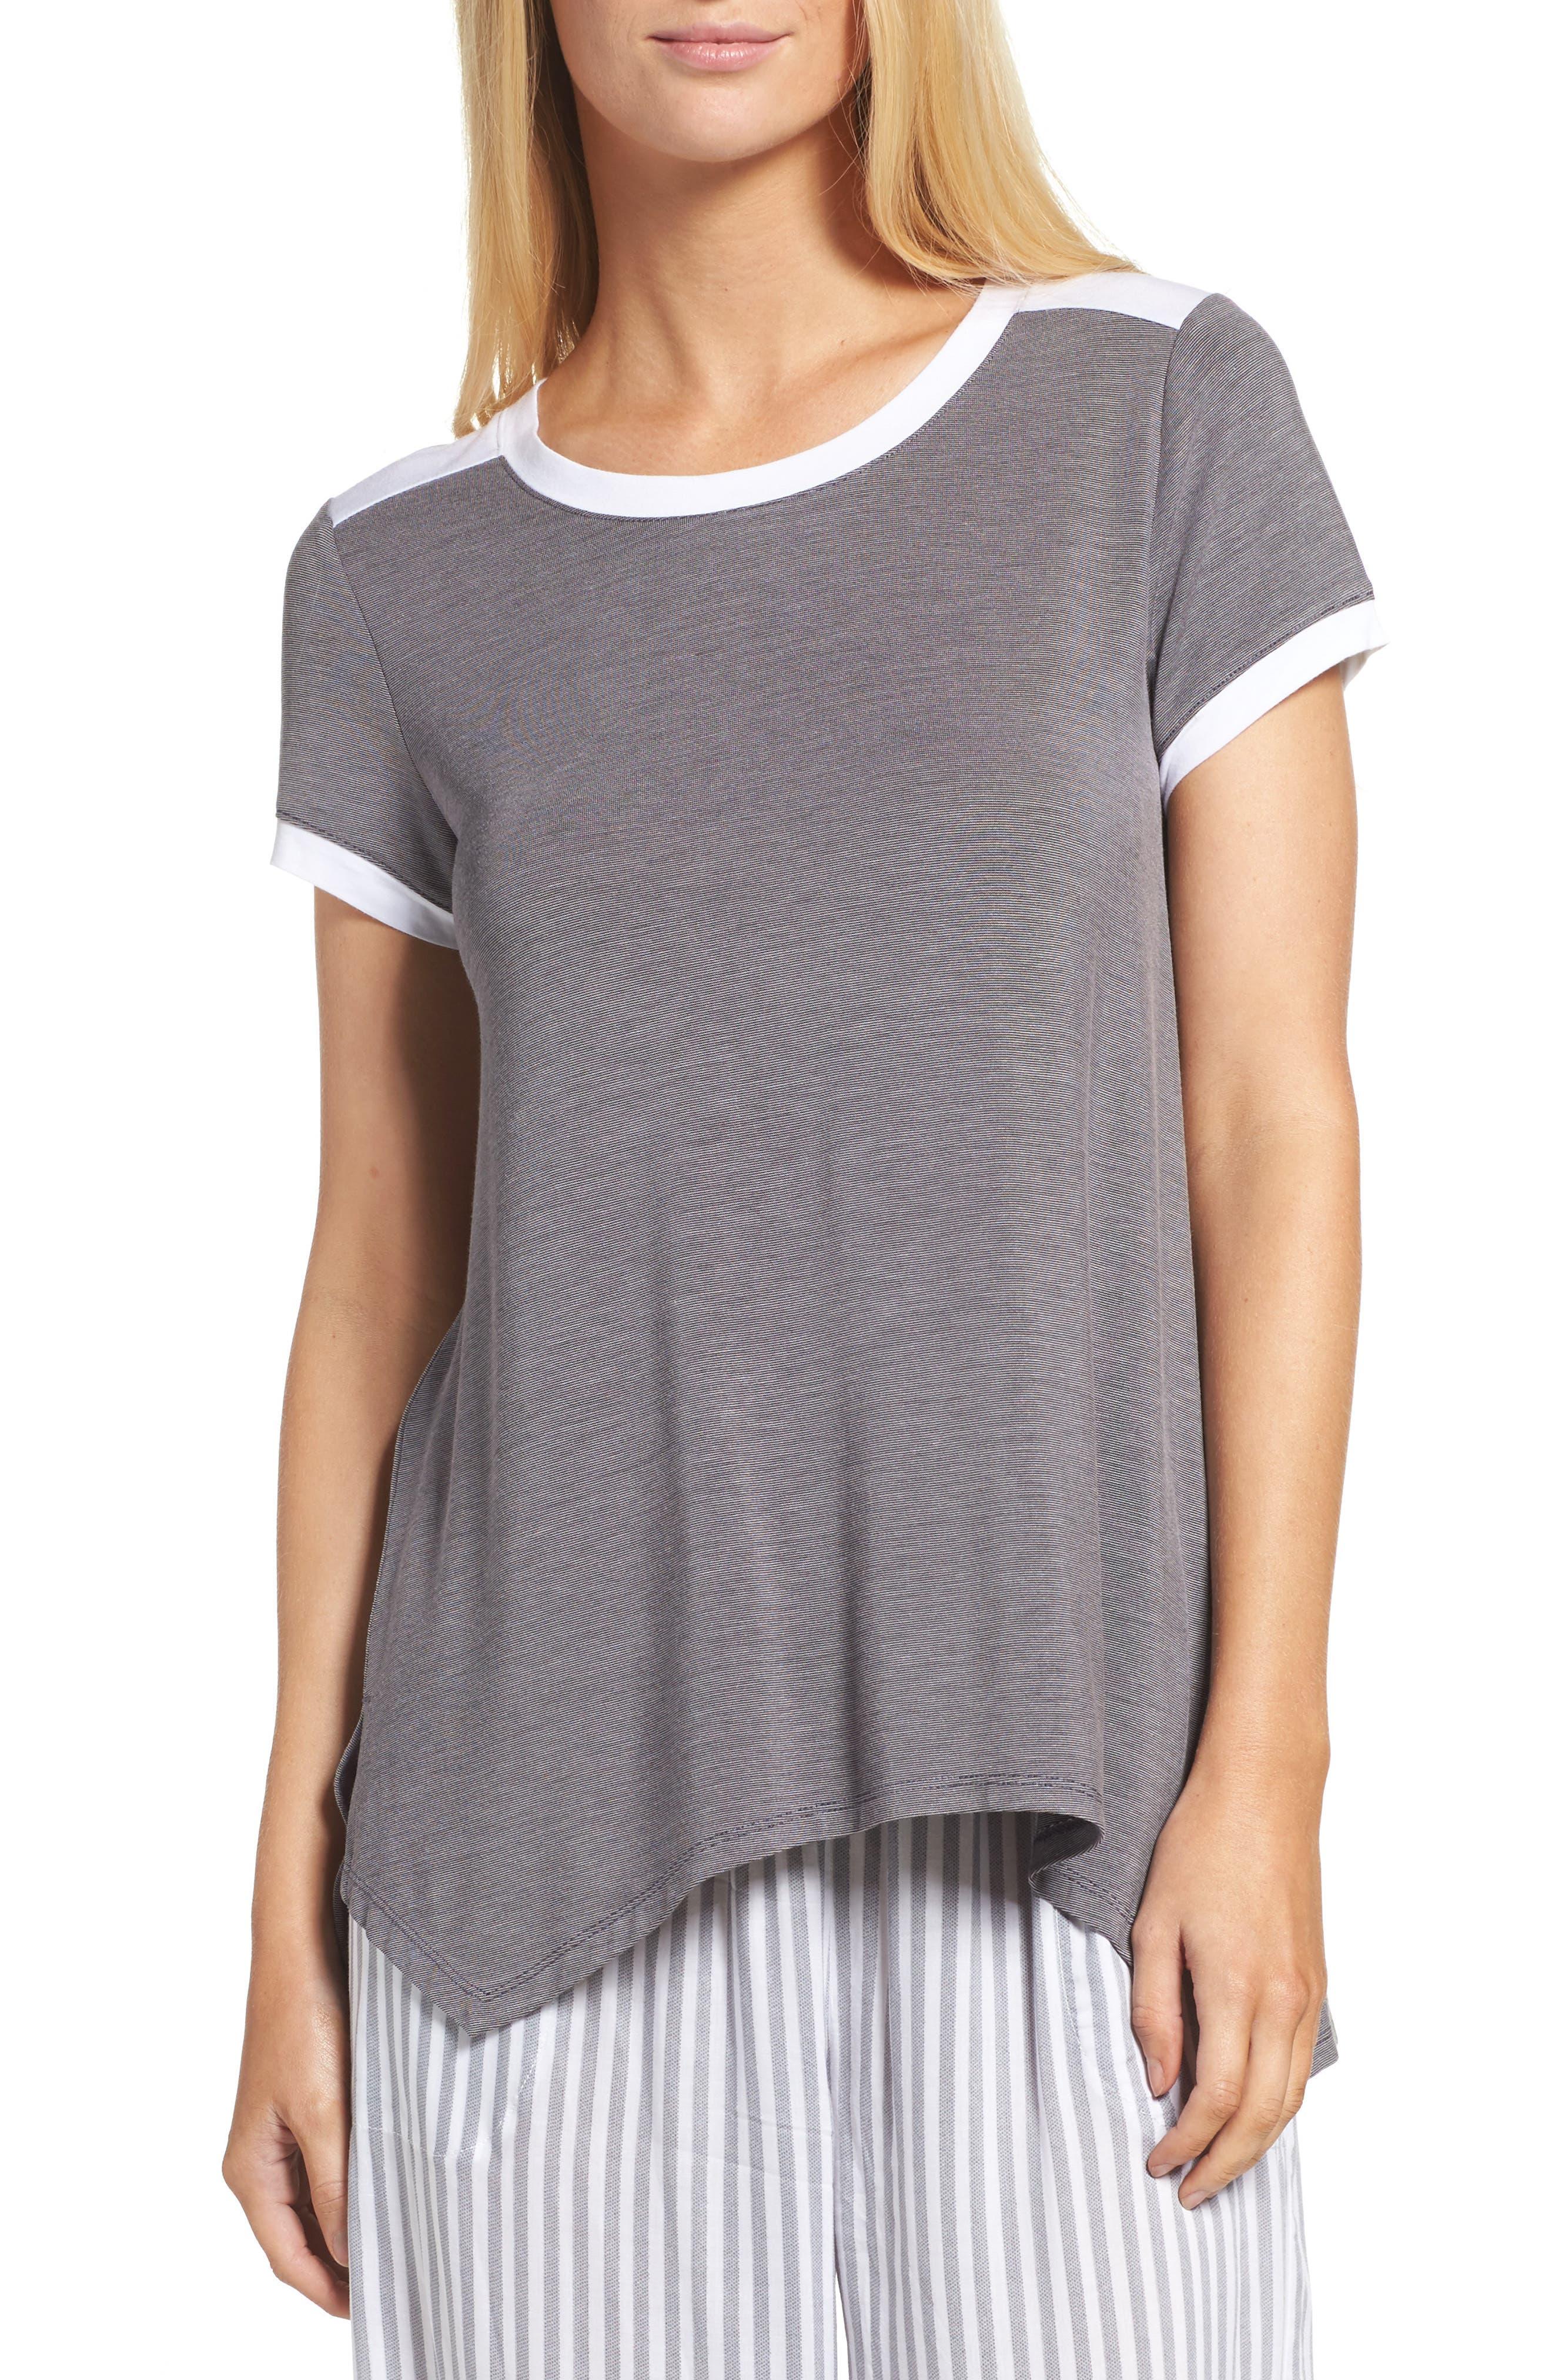 DKNY Sleep Shirt